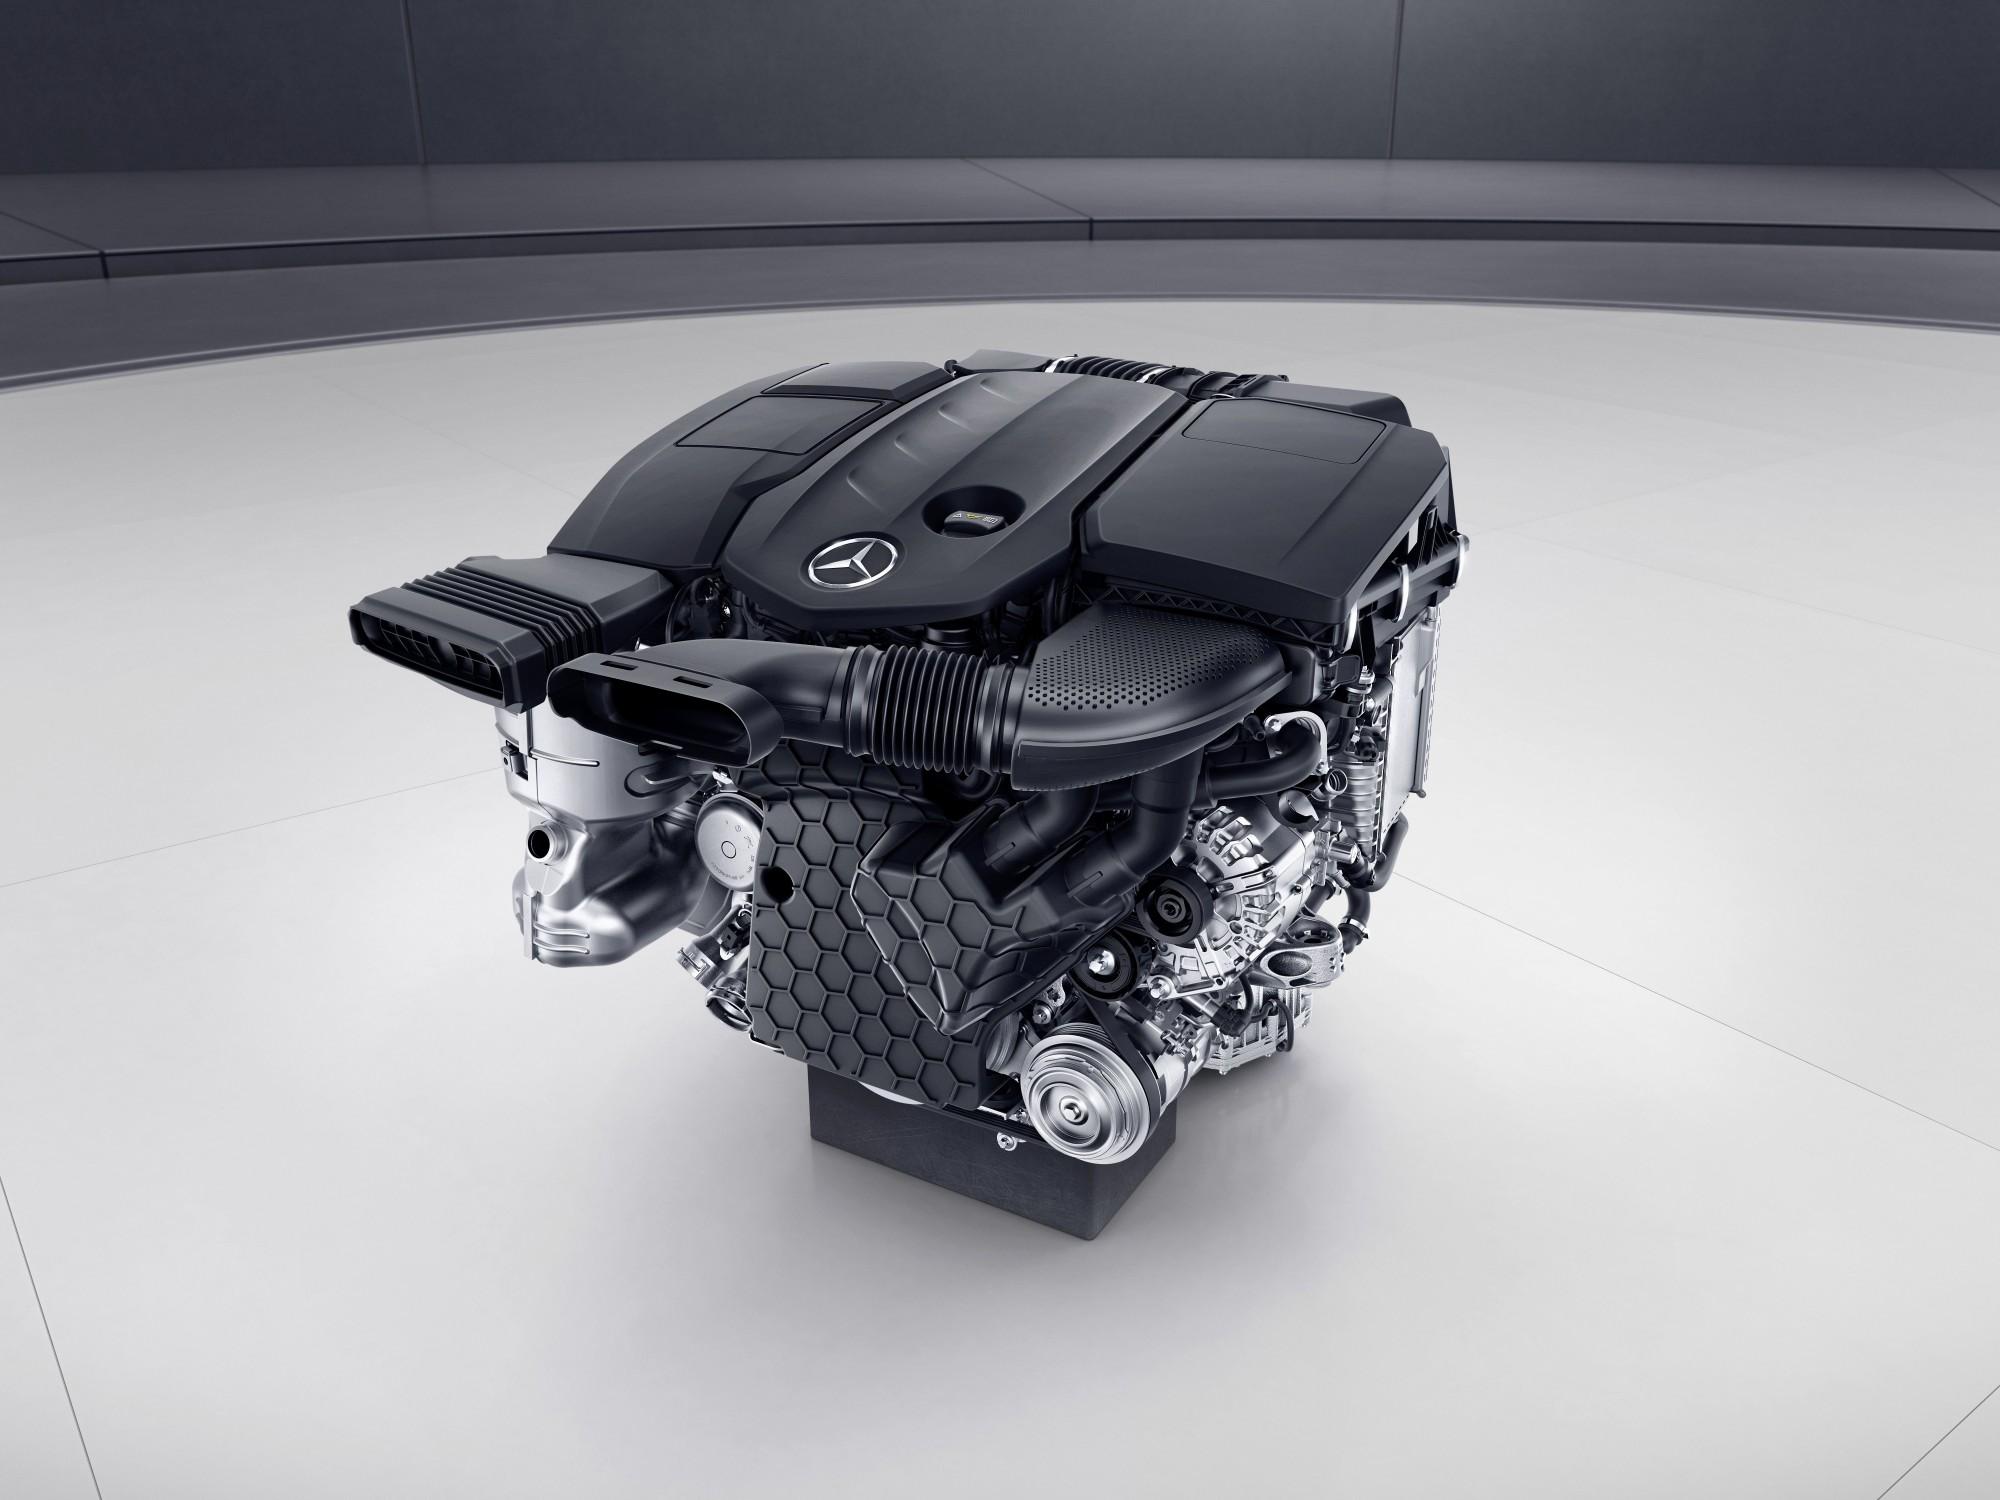 De nieuwe aluminium dieselmotor van Mercedes-Benz heet OM 654.